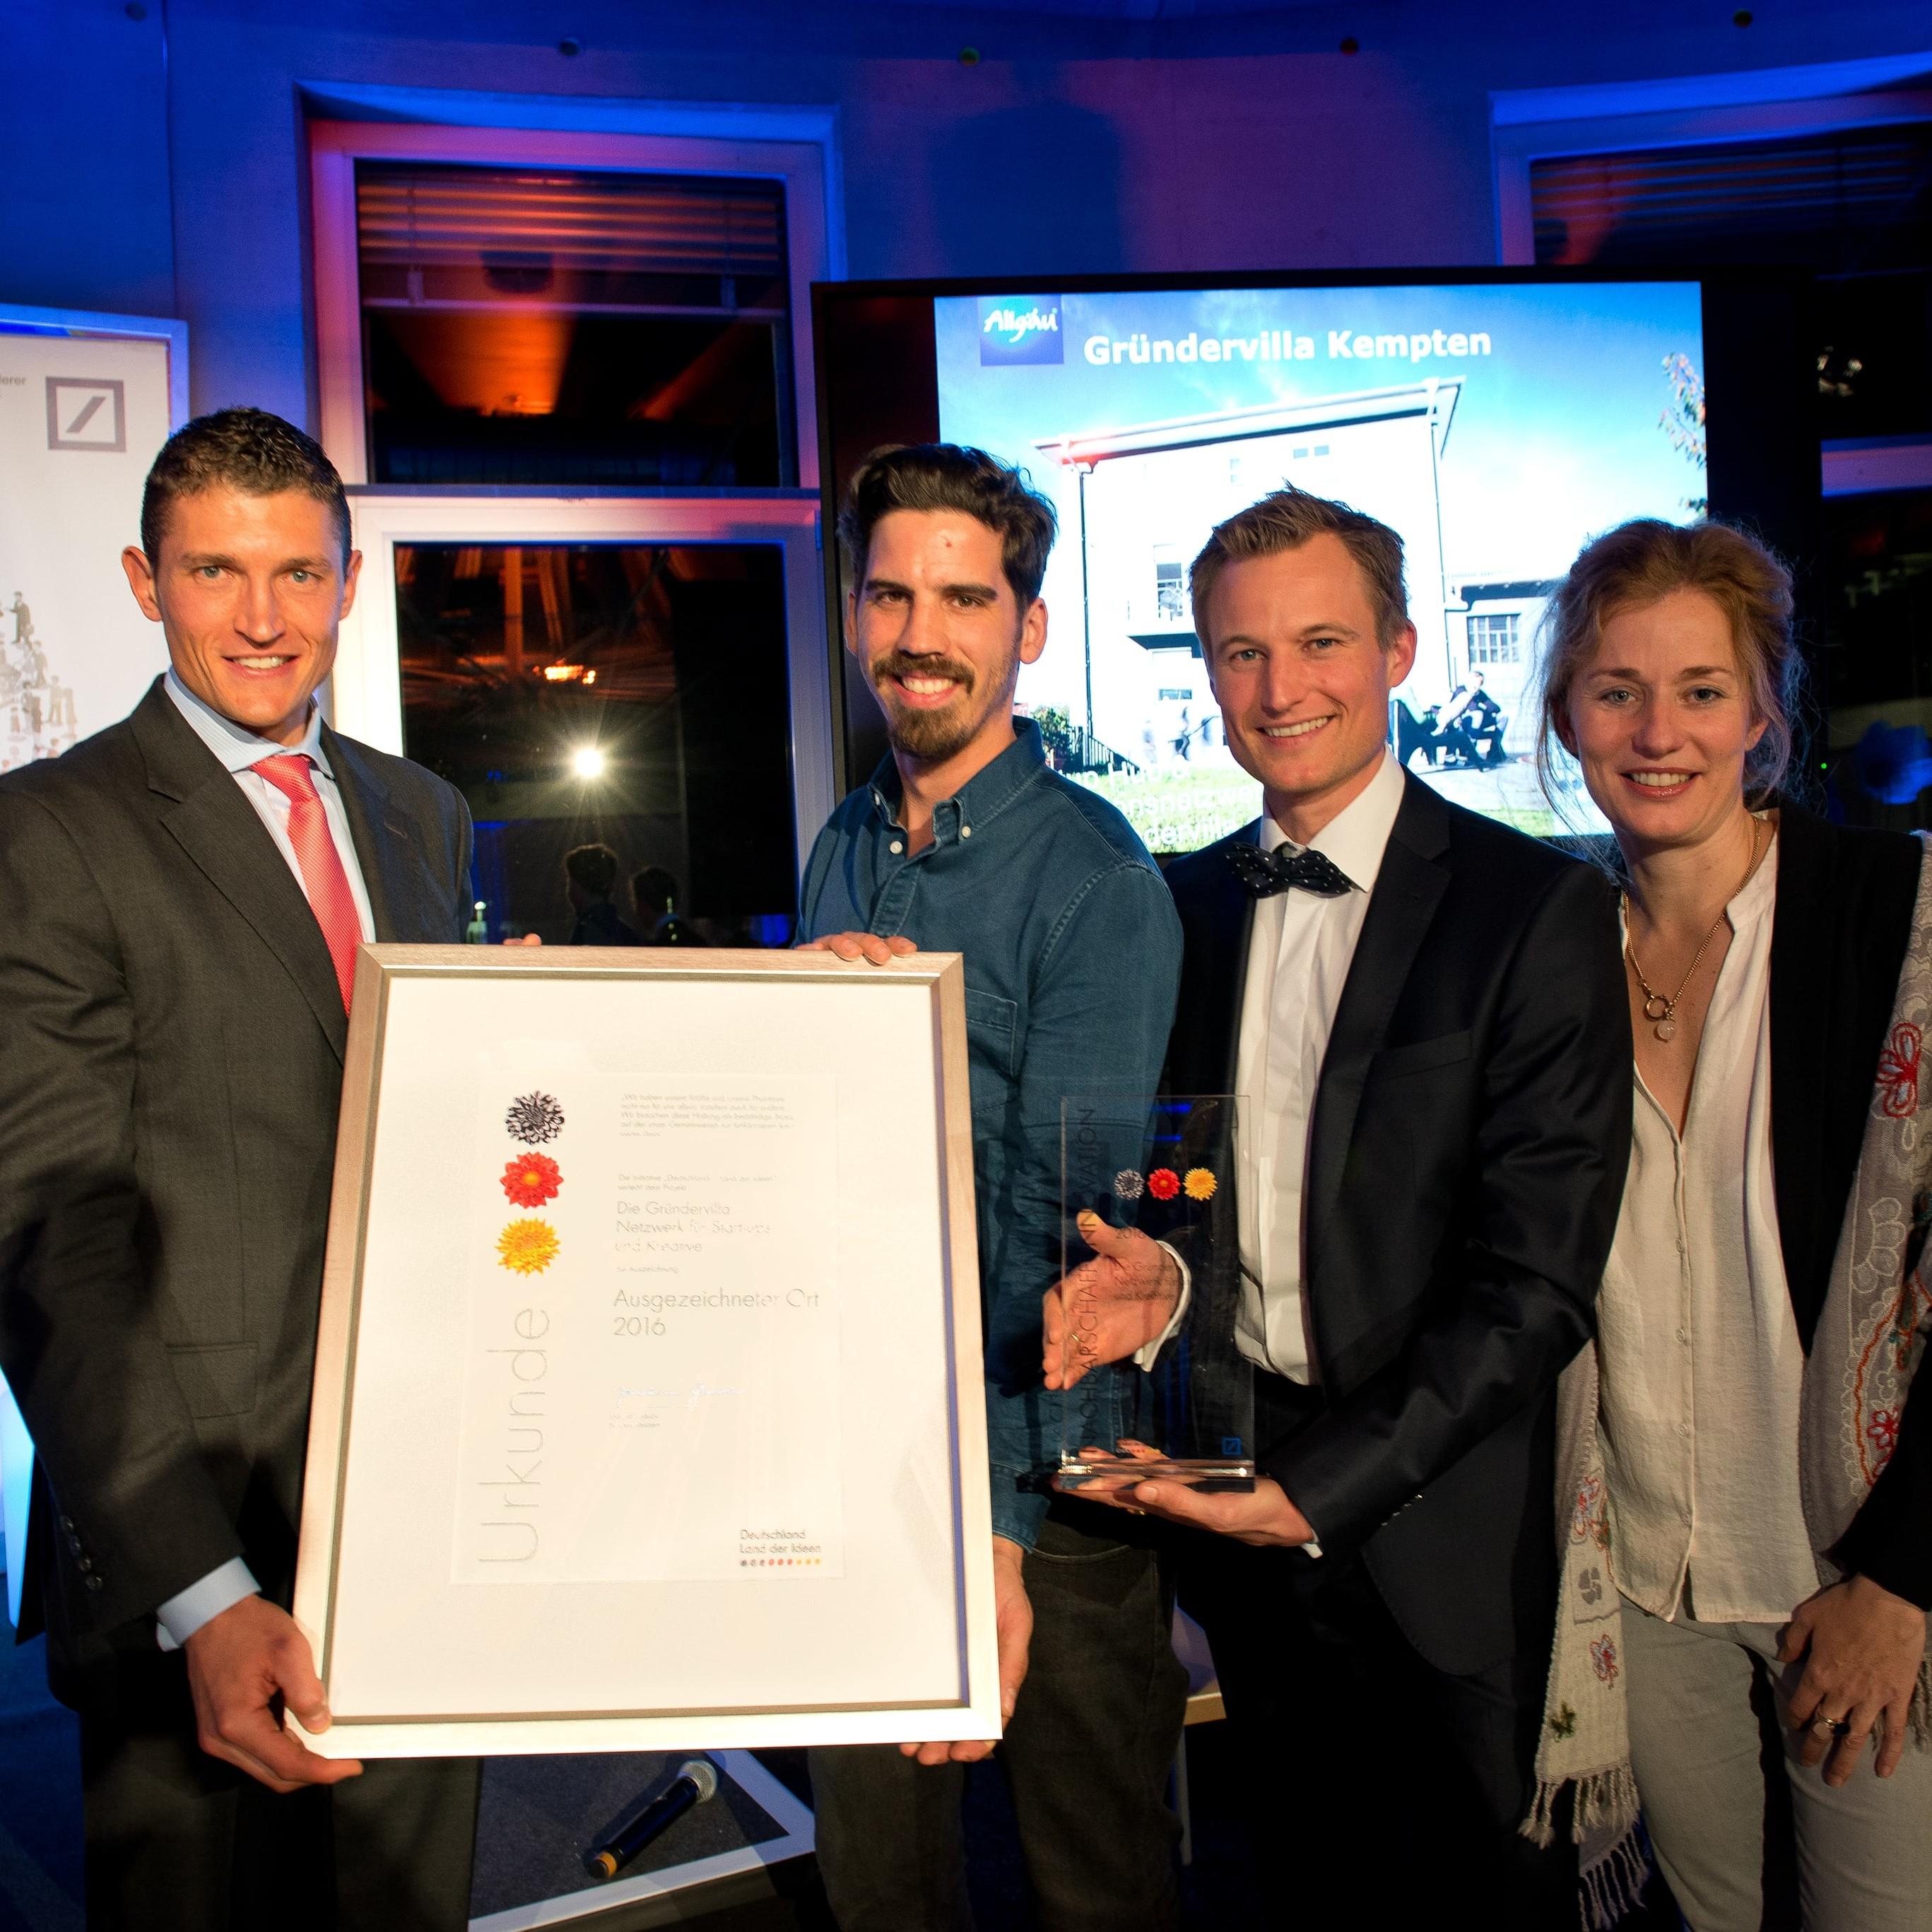 Simon Schnetzer - Preisträger im Land der Ideen